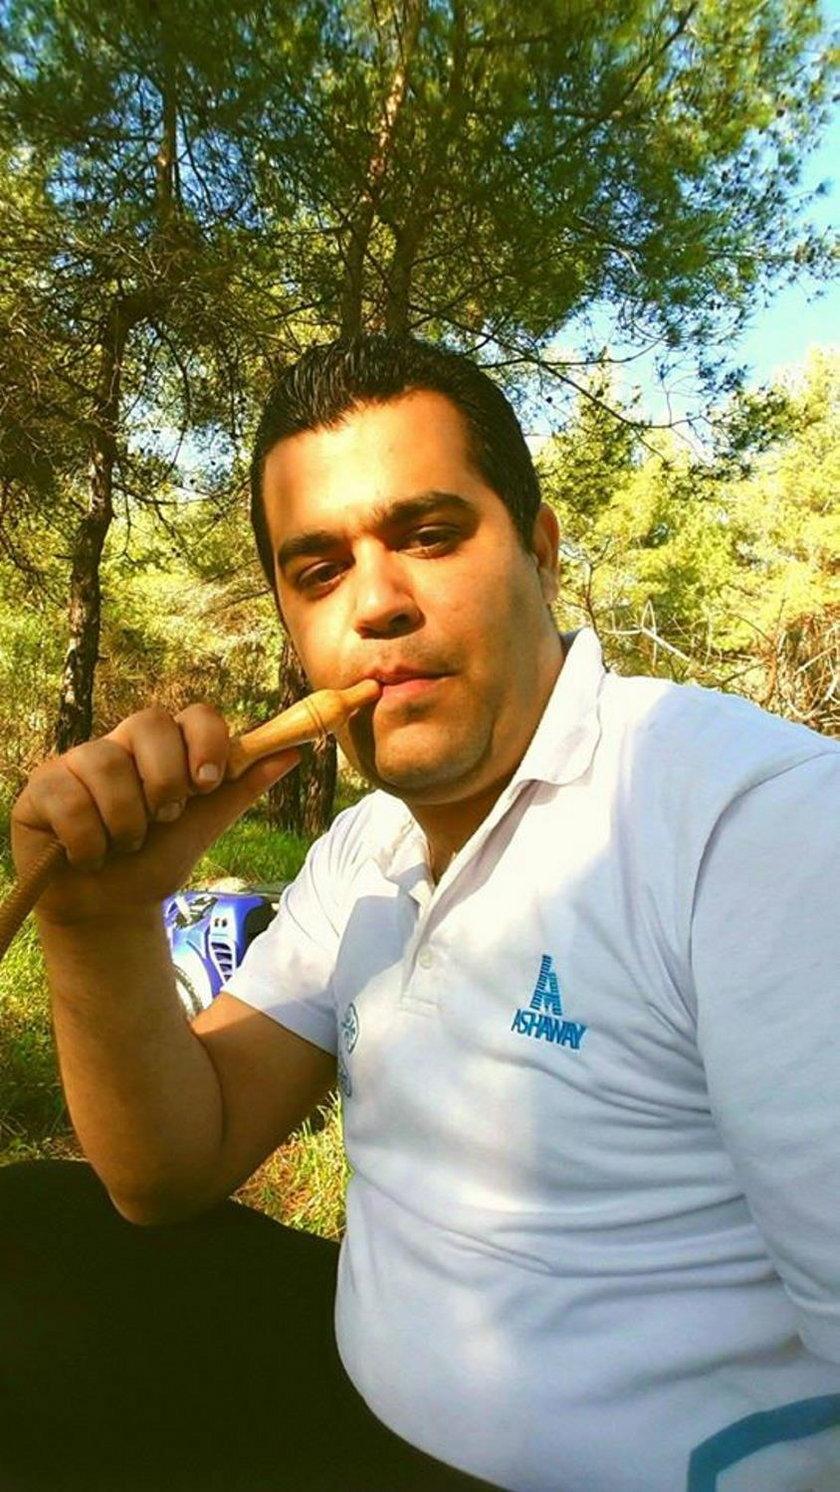 Rami Kaaki